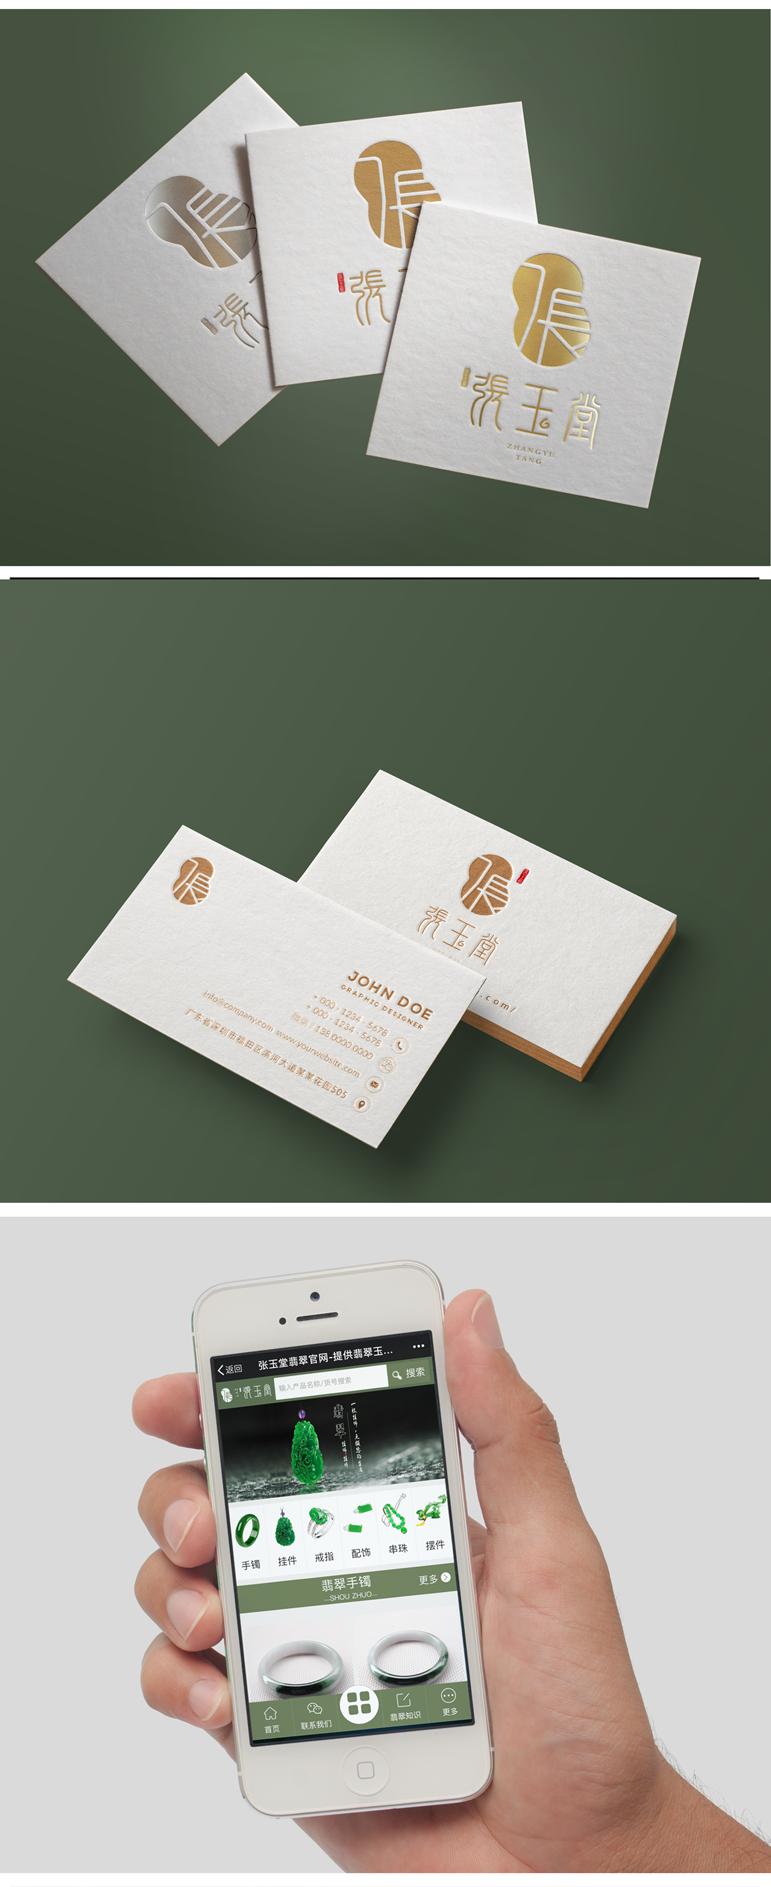 原创翡翠珠宝品牌设计 logo设计 品牌全案  包装设计